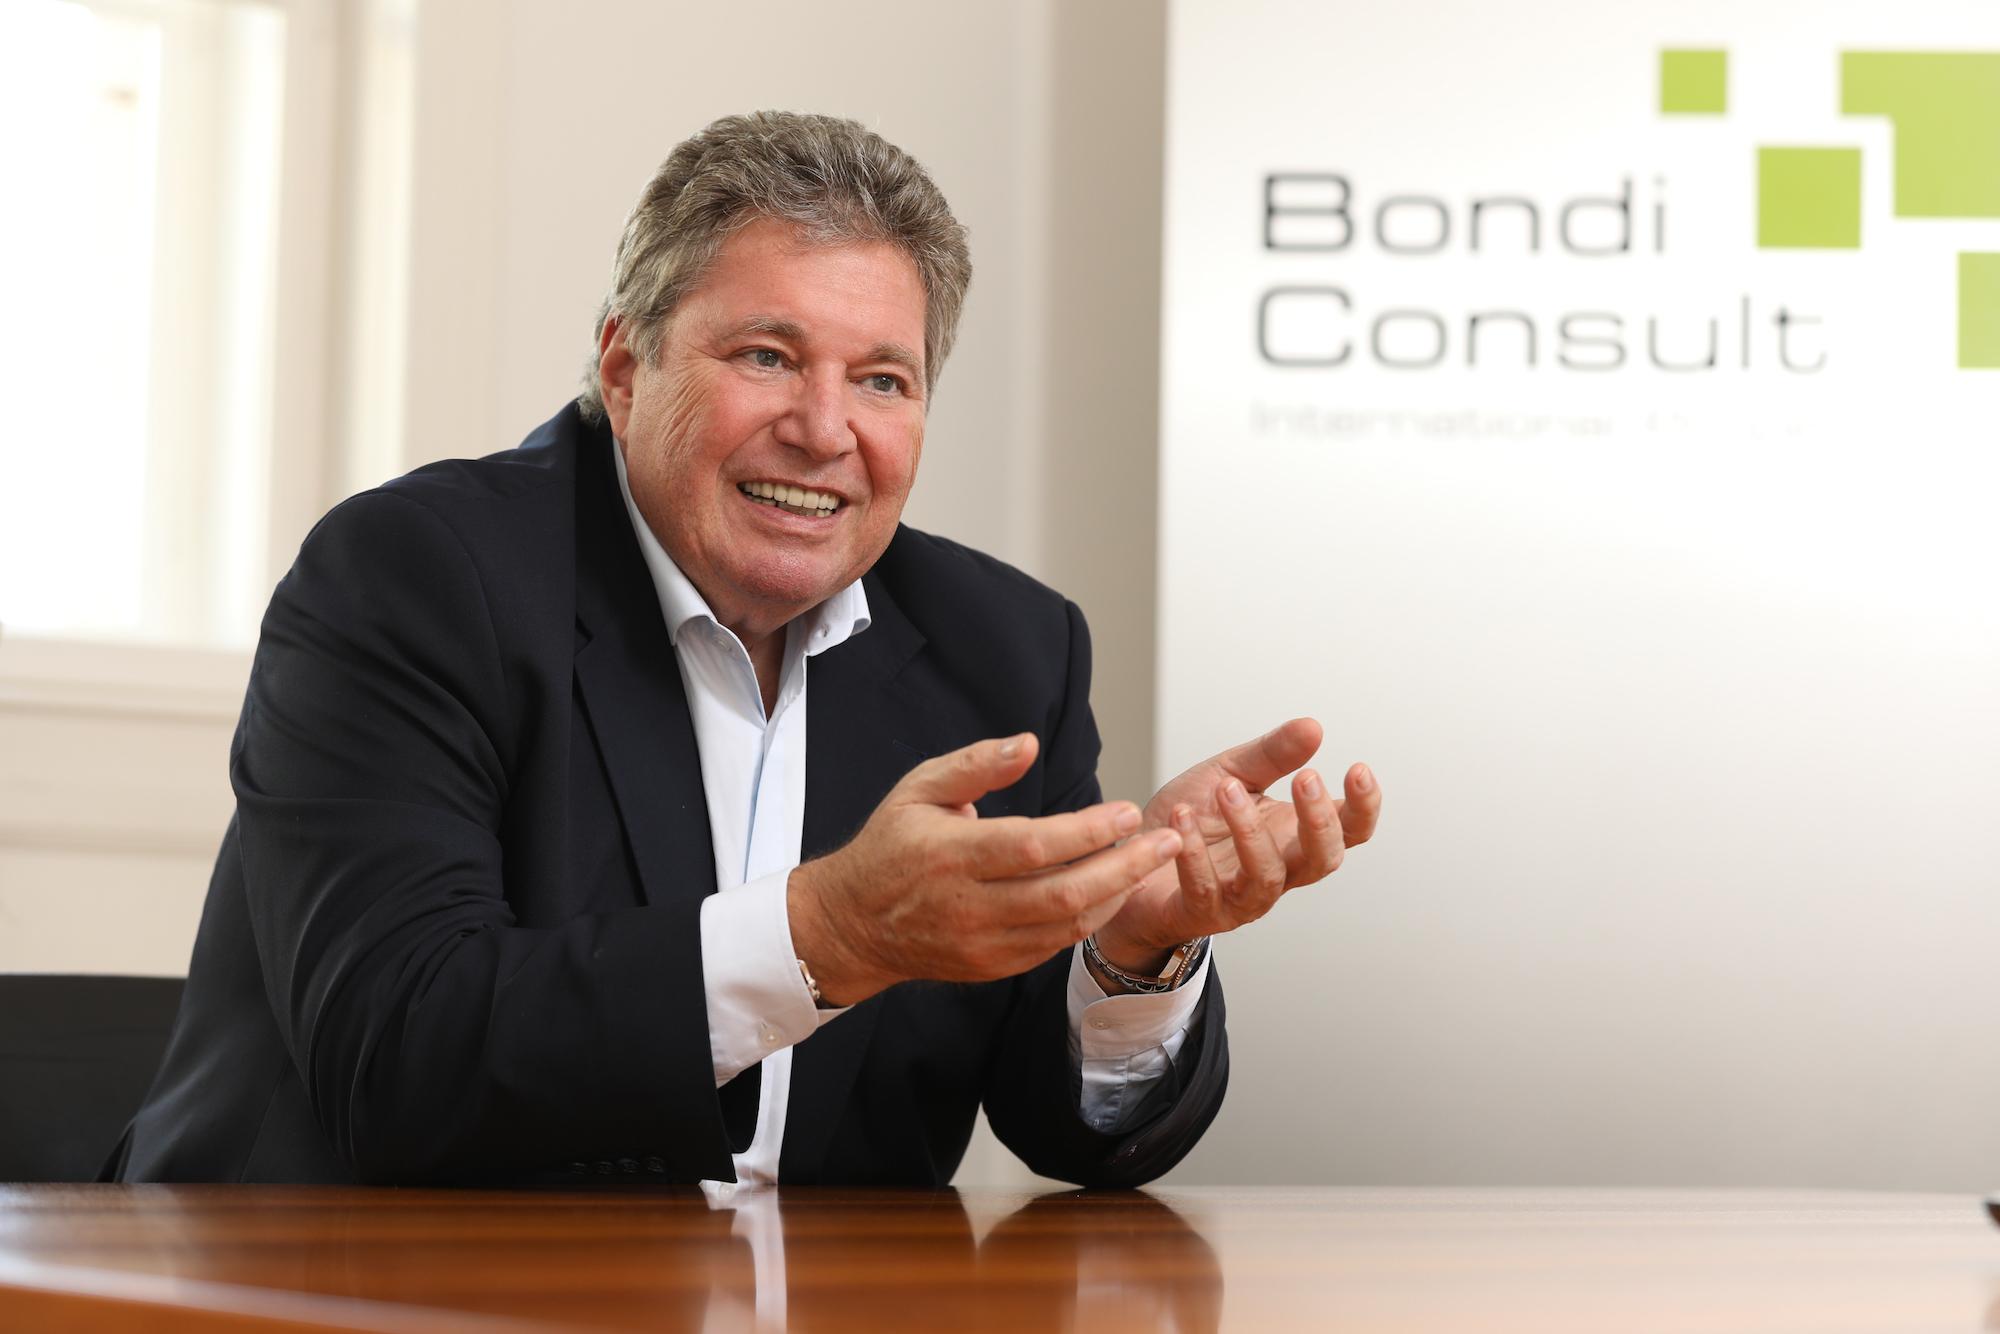 Dr. Anton Bondi de Antoni, Bondi Consult. Copyright: Katharina Schiffl.